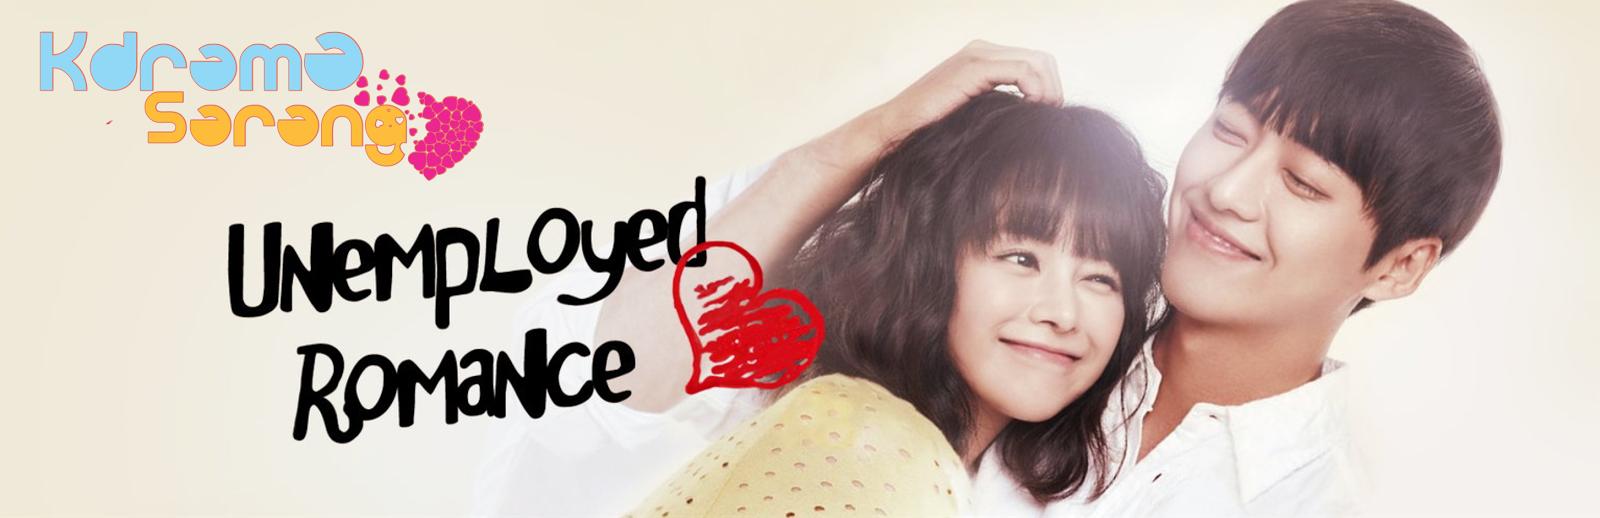 http://kdramasarangs2.blogspot.com/2013/09/unemployment-benefit-romance.html